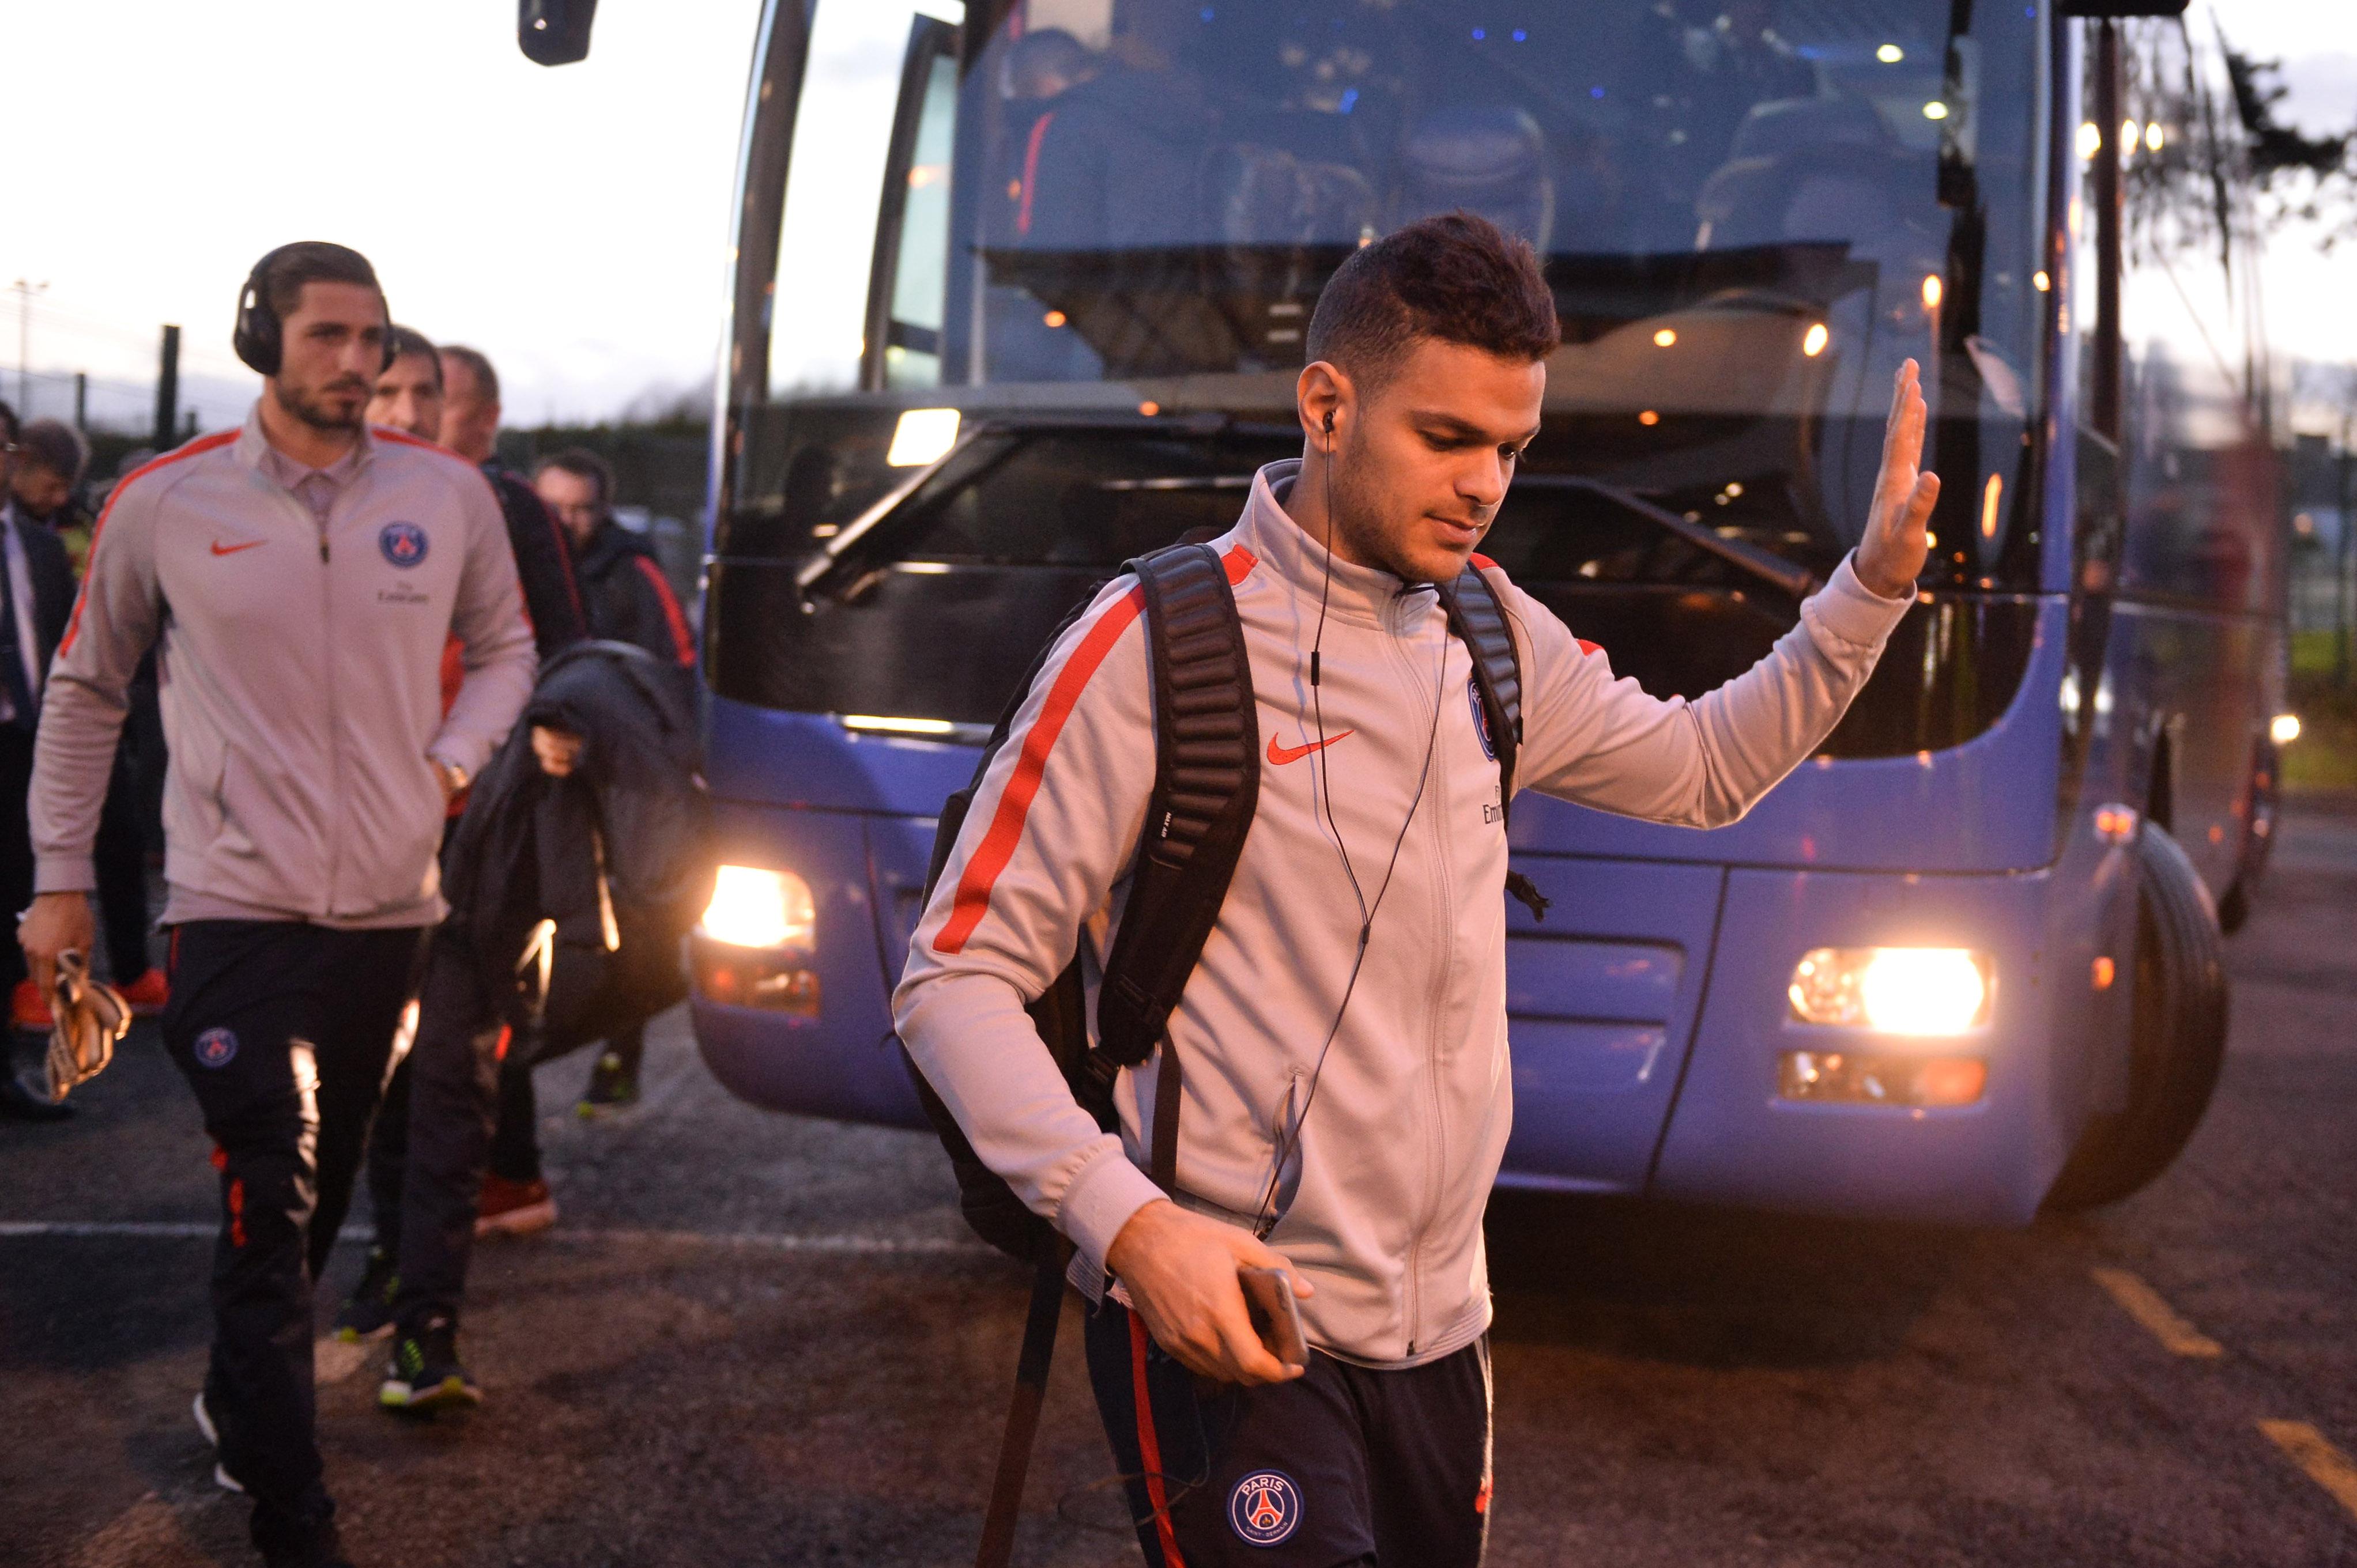 Football - Transferts - Pour le conseiller de Ben Arfa, un départ du PSG «est inenvisageable»